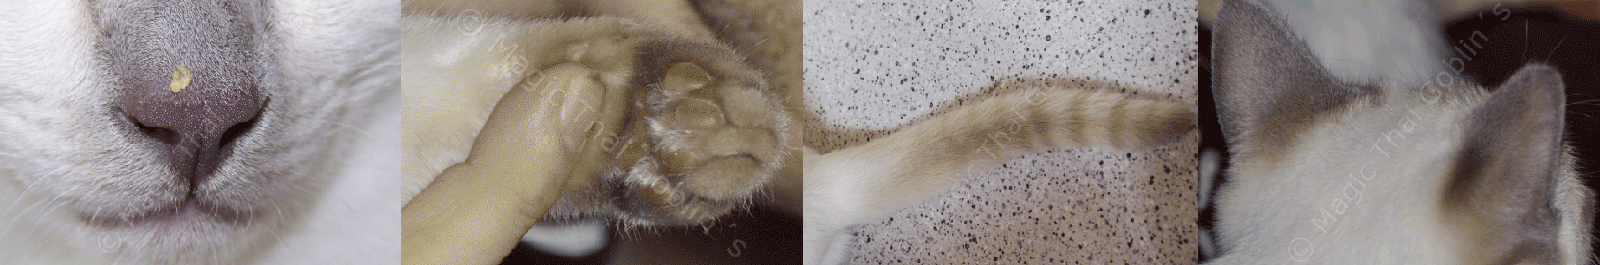 Particolari significativi: naso, polpastrelli, coda, orecchie.